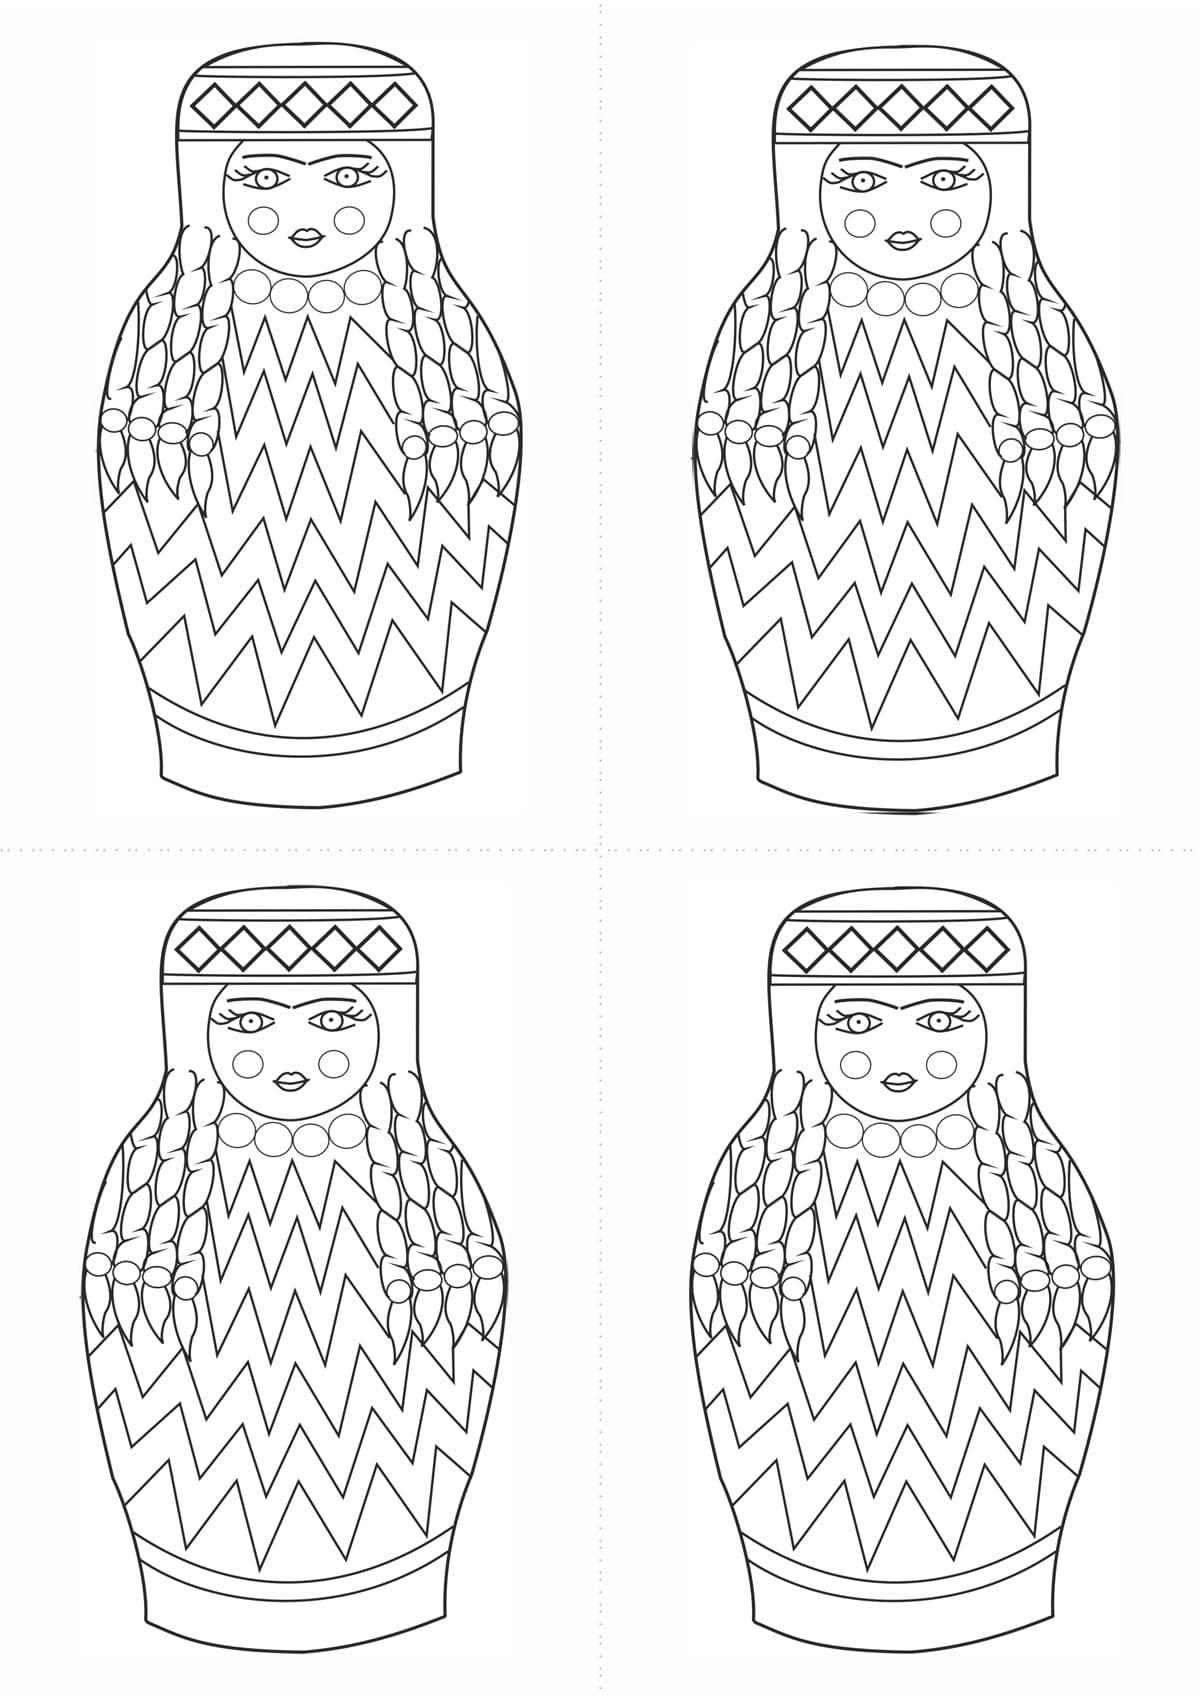 Раскраска шаблон матрёшки узбечки для рисования